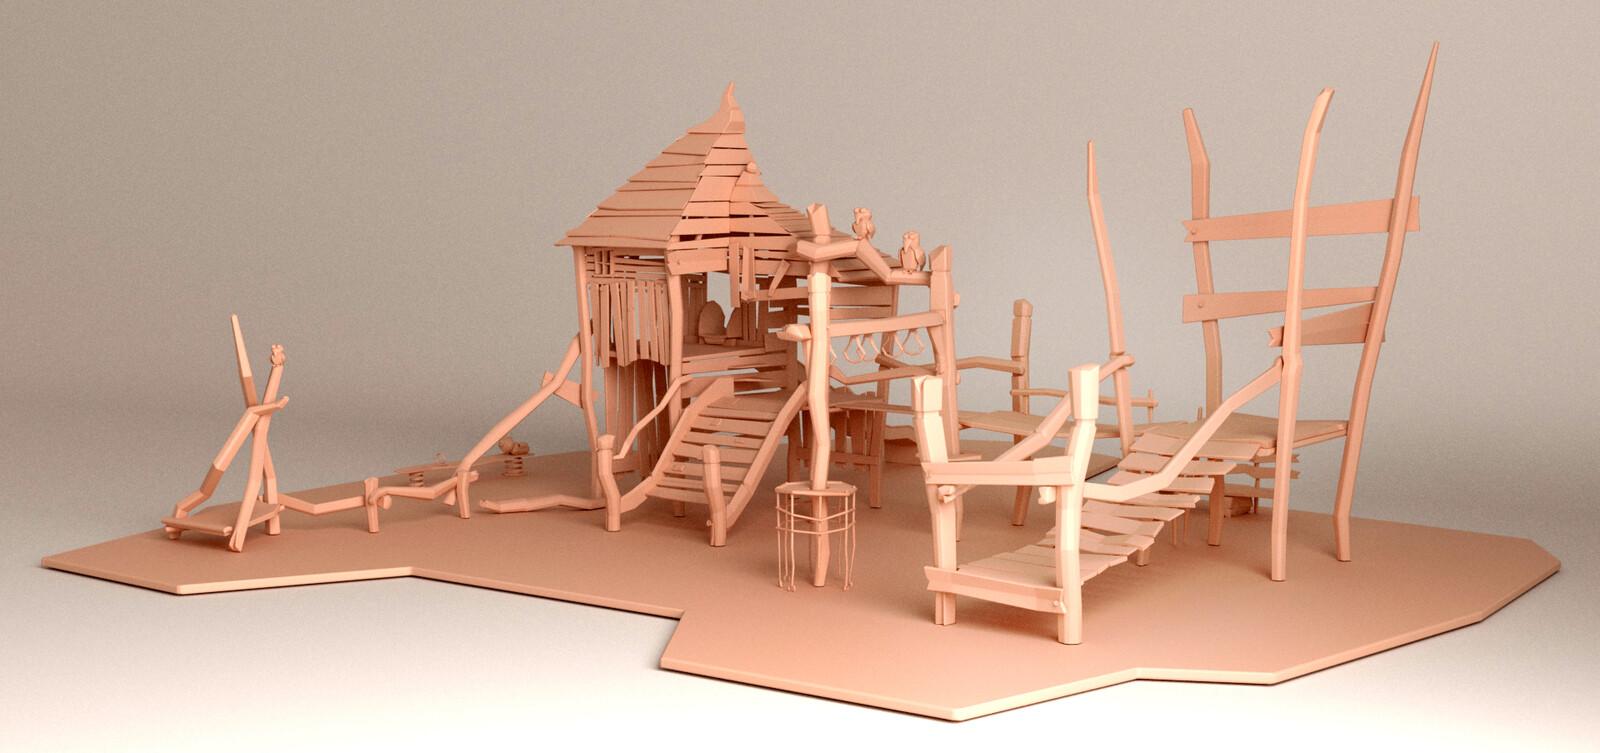 3D model, full scene, front-left view